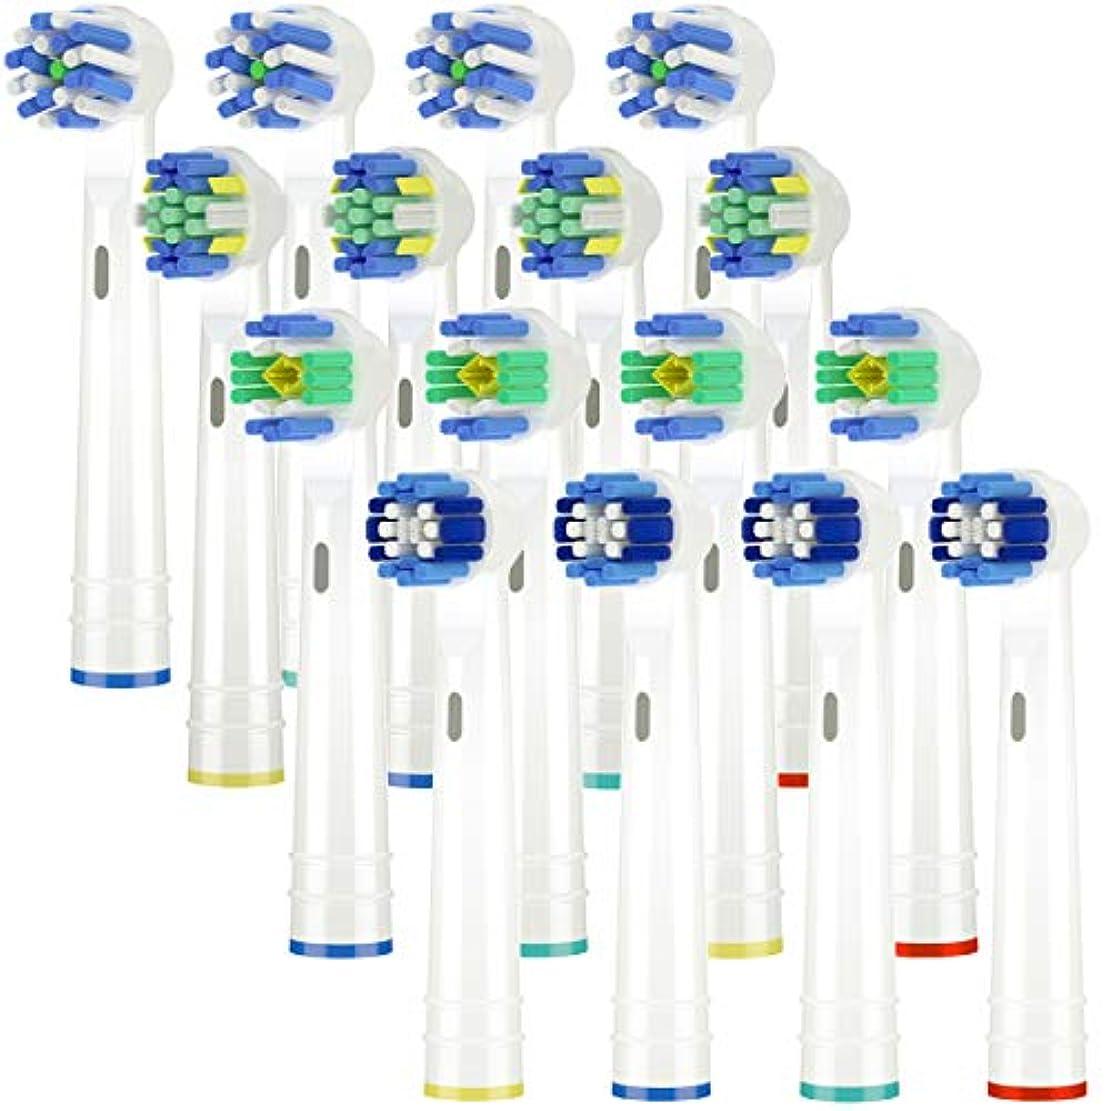 市の中心部おっと大Itechnik 電動歯ブラシ 替えブラシ ブラウン オーラルB 対応 替えブラシ 4種類が入り:ホワイトニングブラシ 、ベーシックブラシ、歯間ワイパー付きブラシ、マルチアクションブラシ 凡用な16本